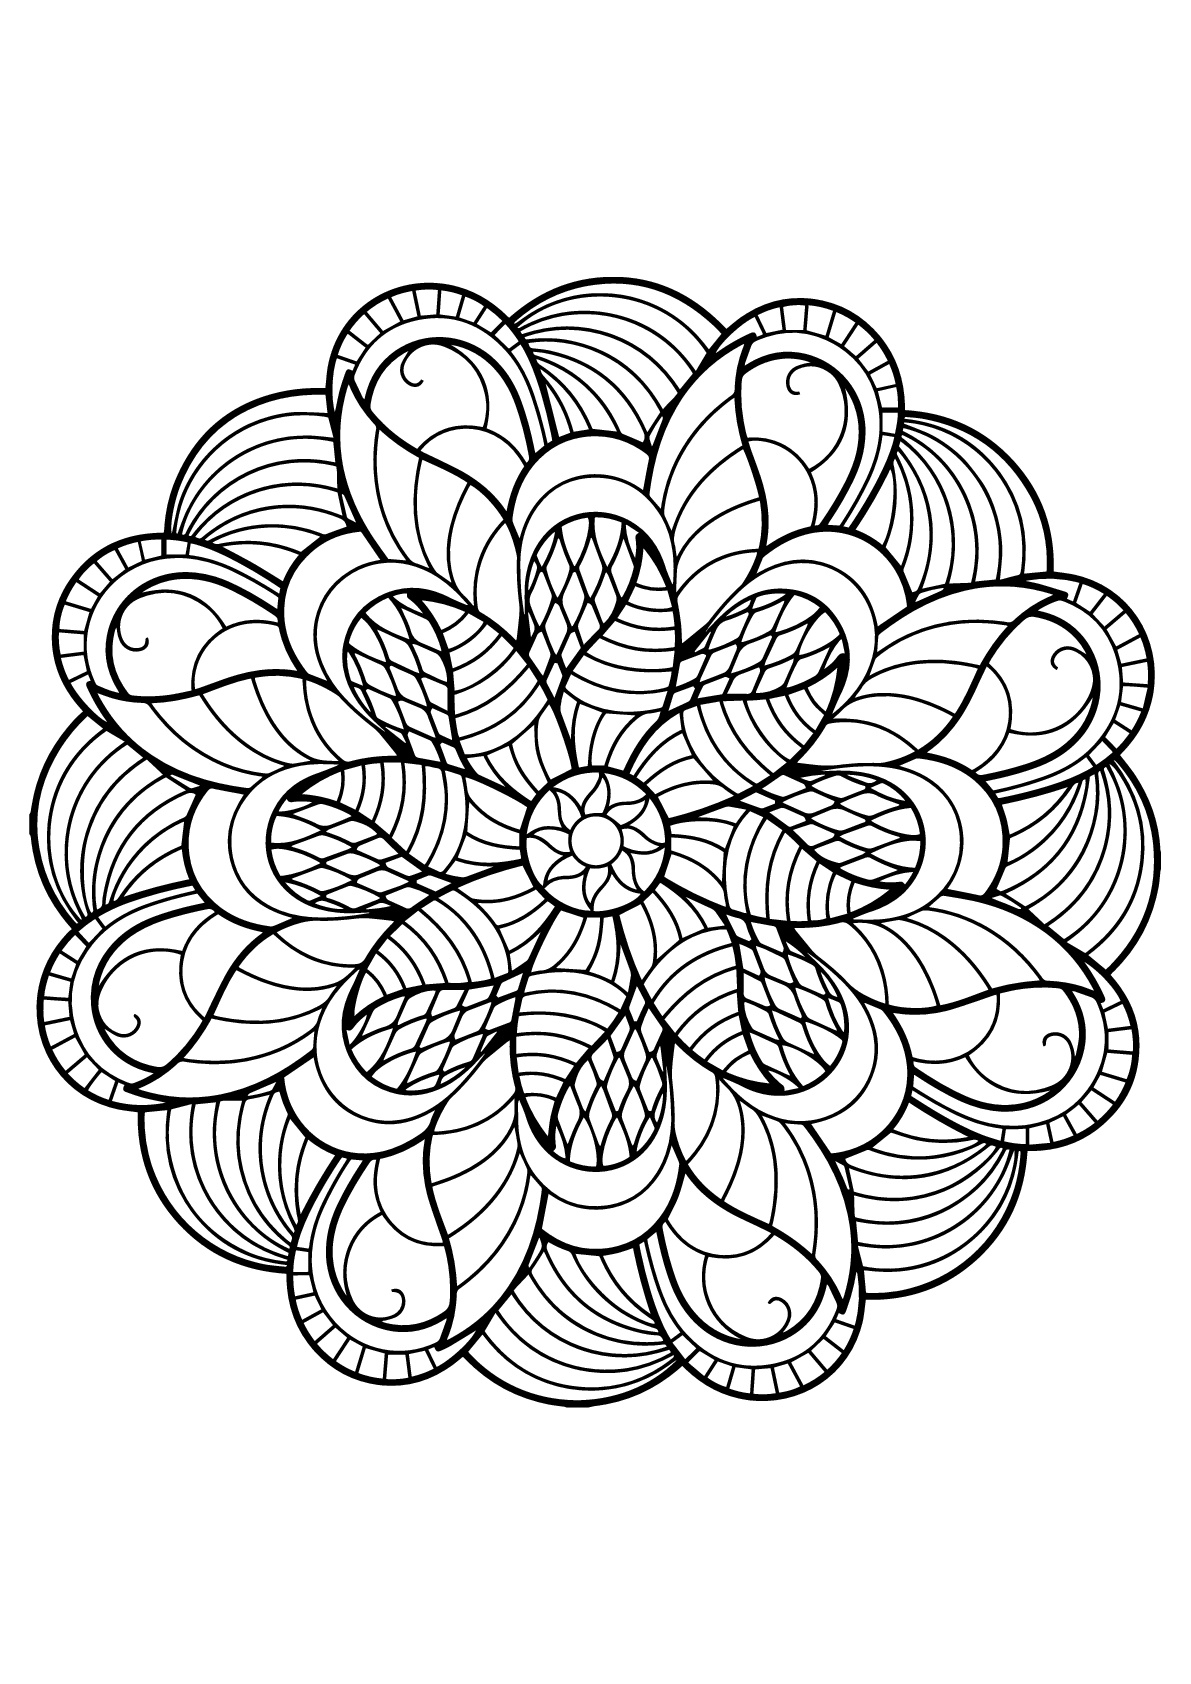 Disegni da colorare per adulti : Mandalas - 6